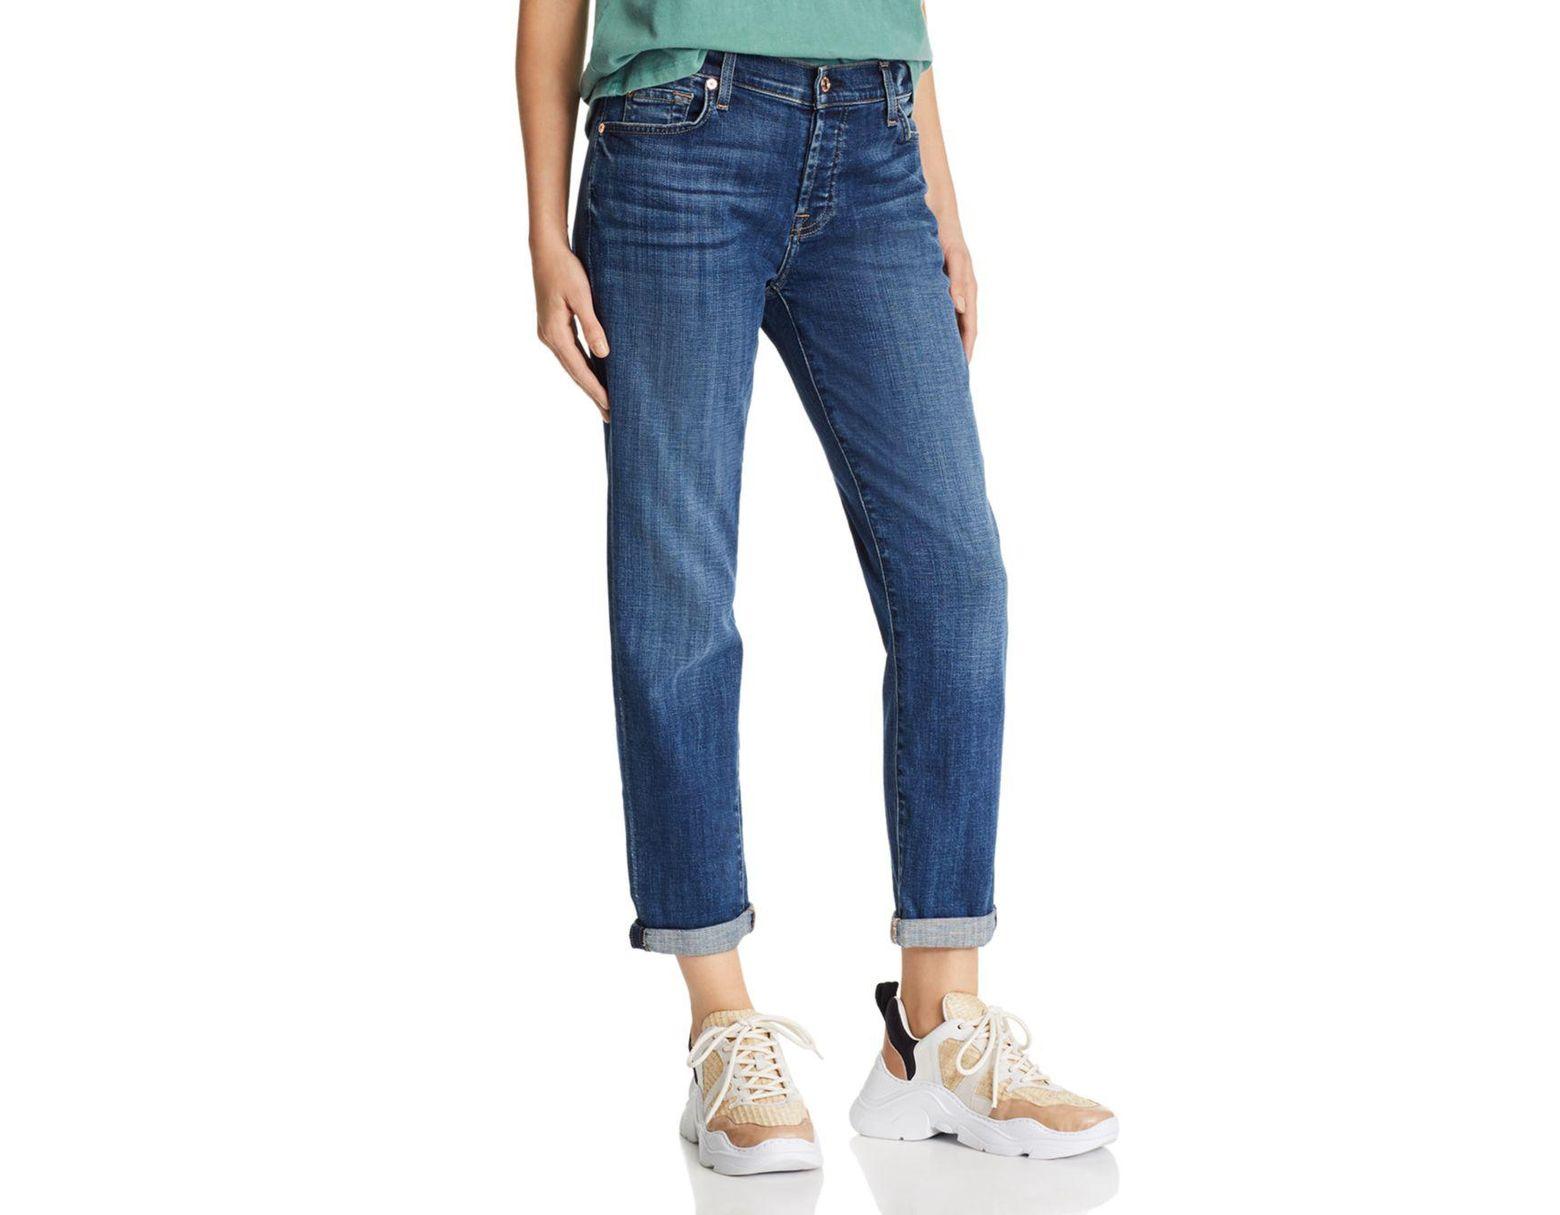 099ec8ee8cf7f 7 For All Mankind Josefina Boyfriend Jeans In Broken Twill Vanity in Blue -  Lyst